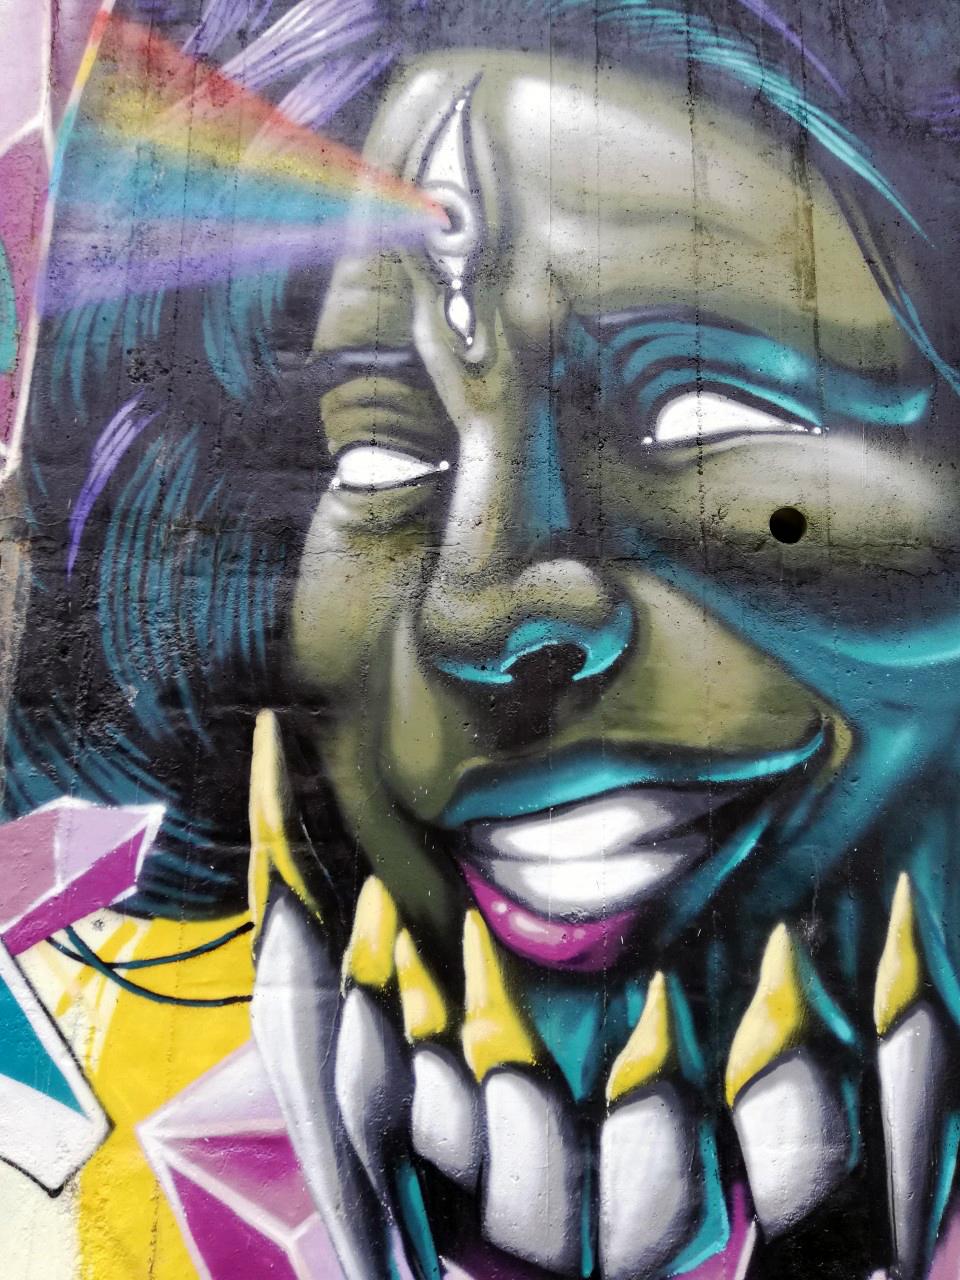 Milano periferia e graffiti - Via Plezzo